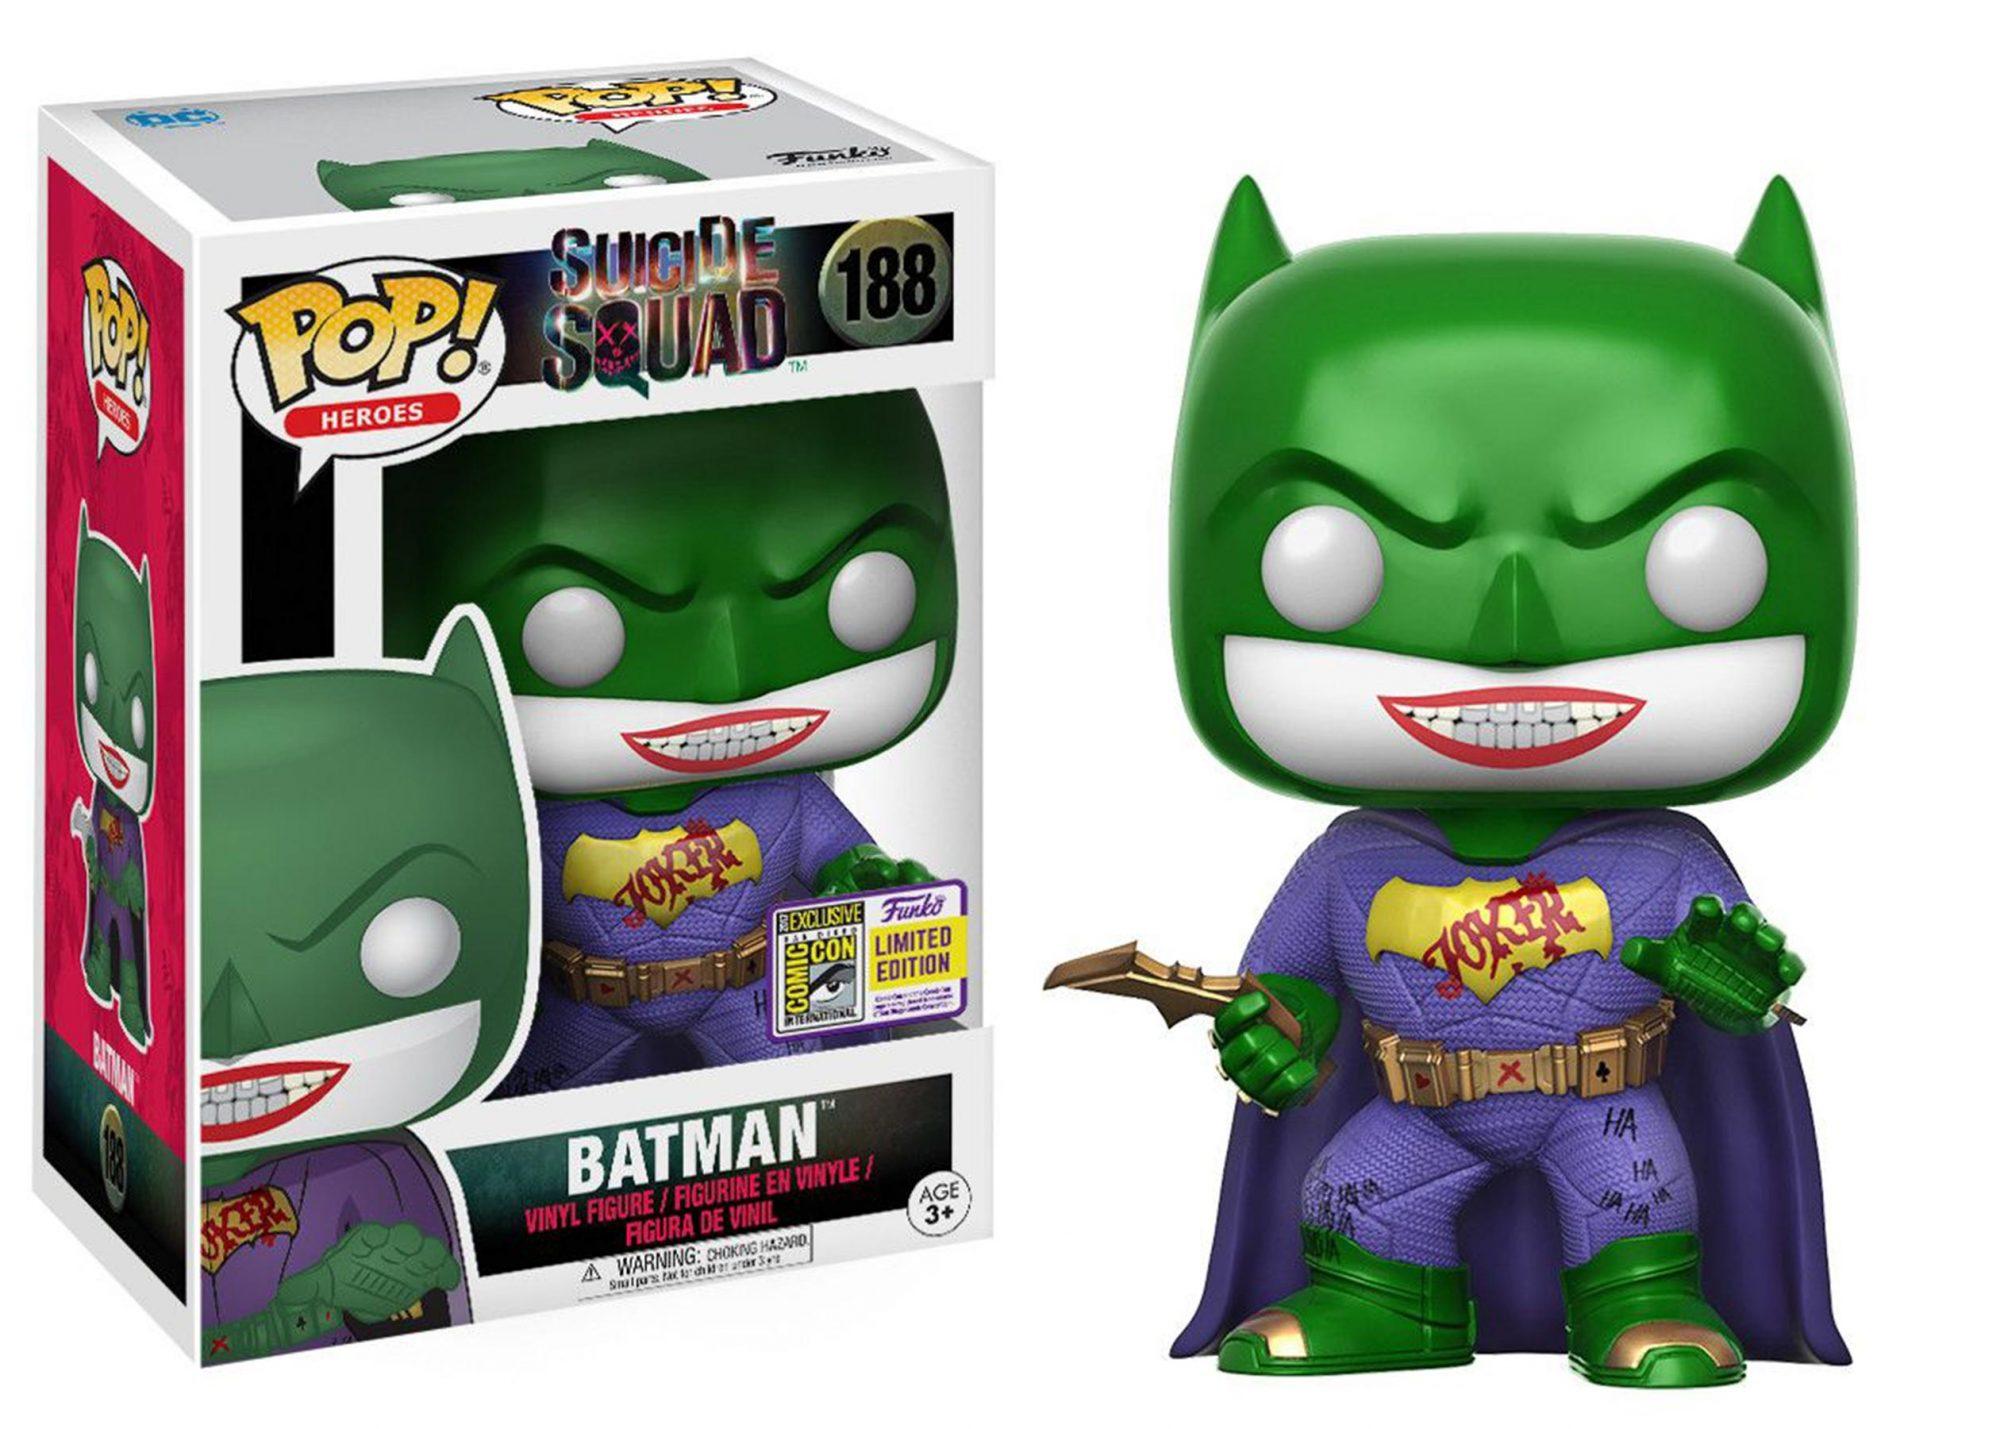 Suicide squad joker batman